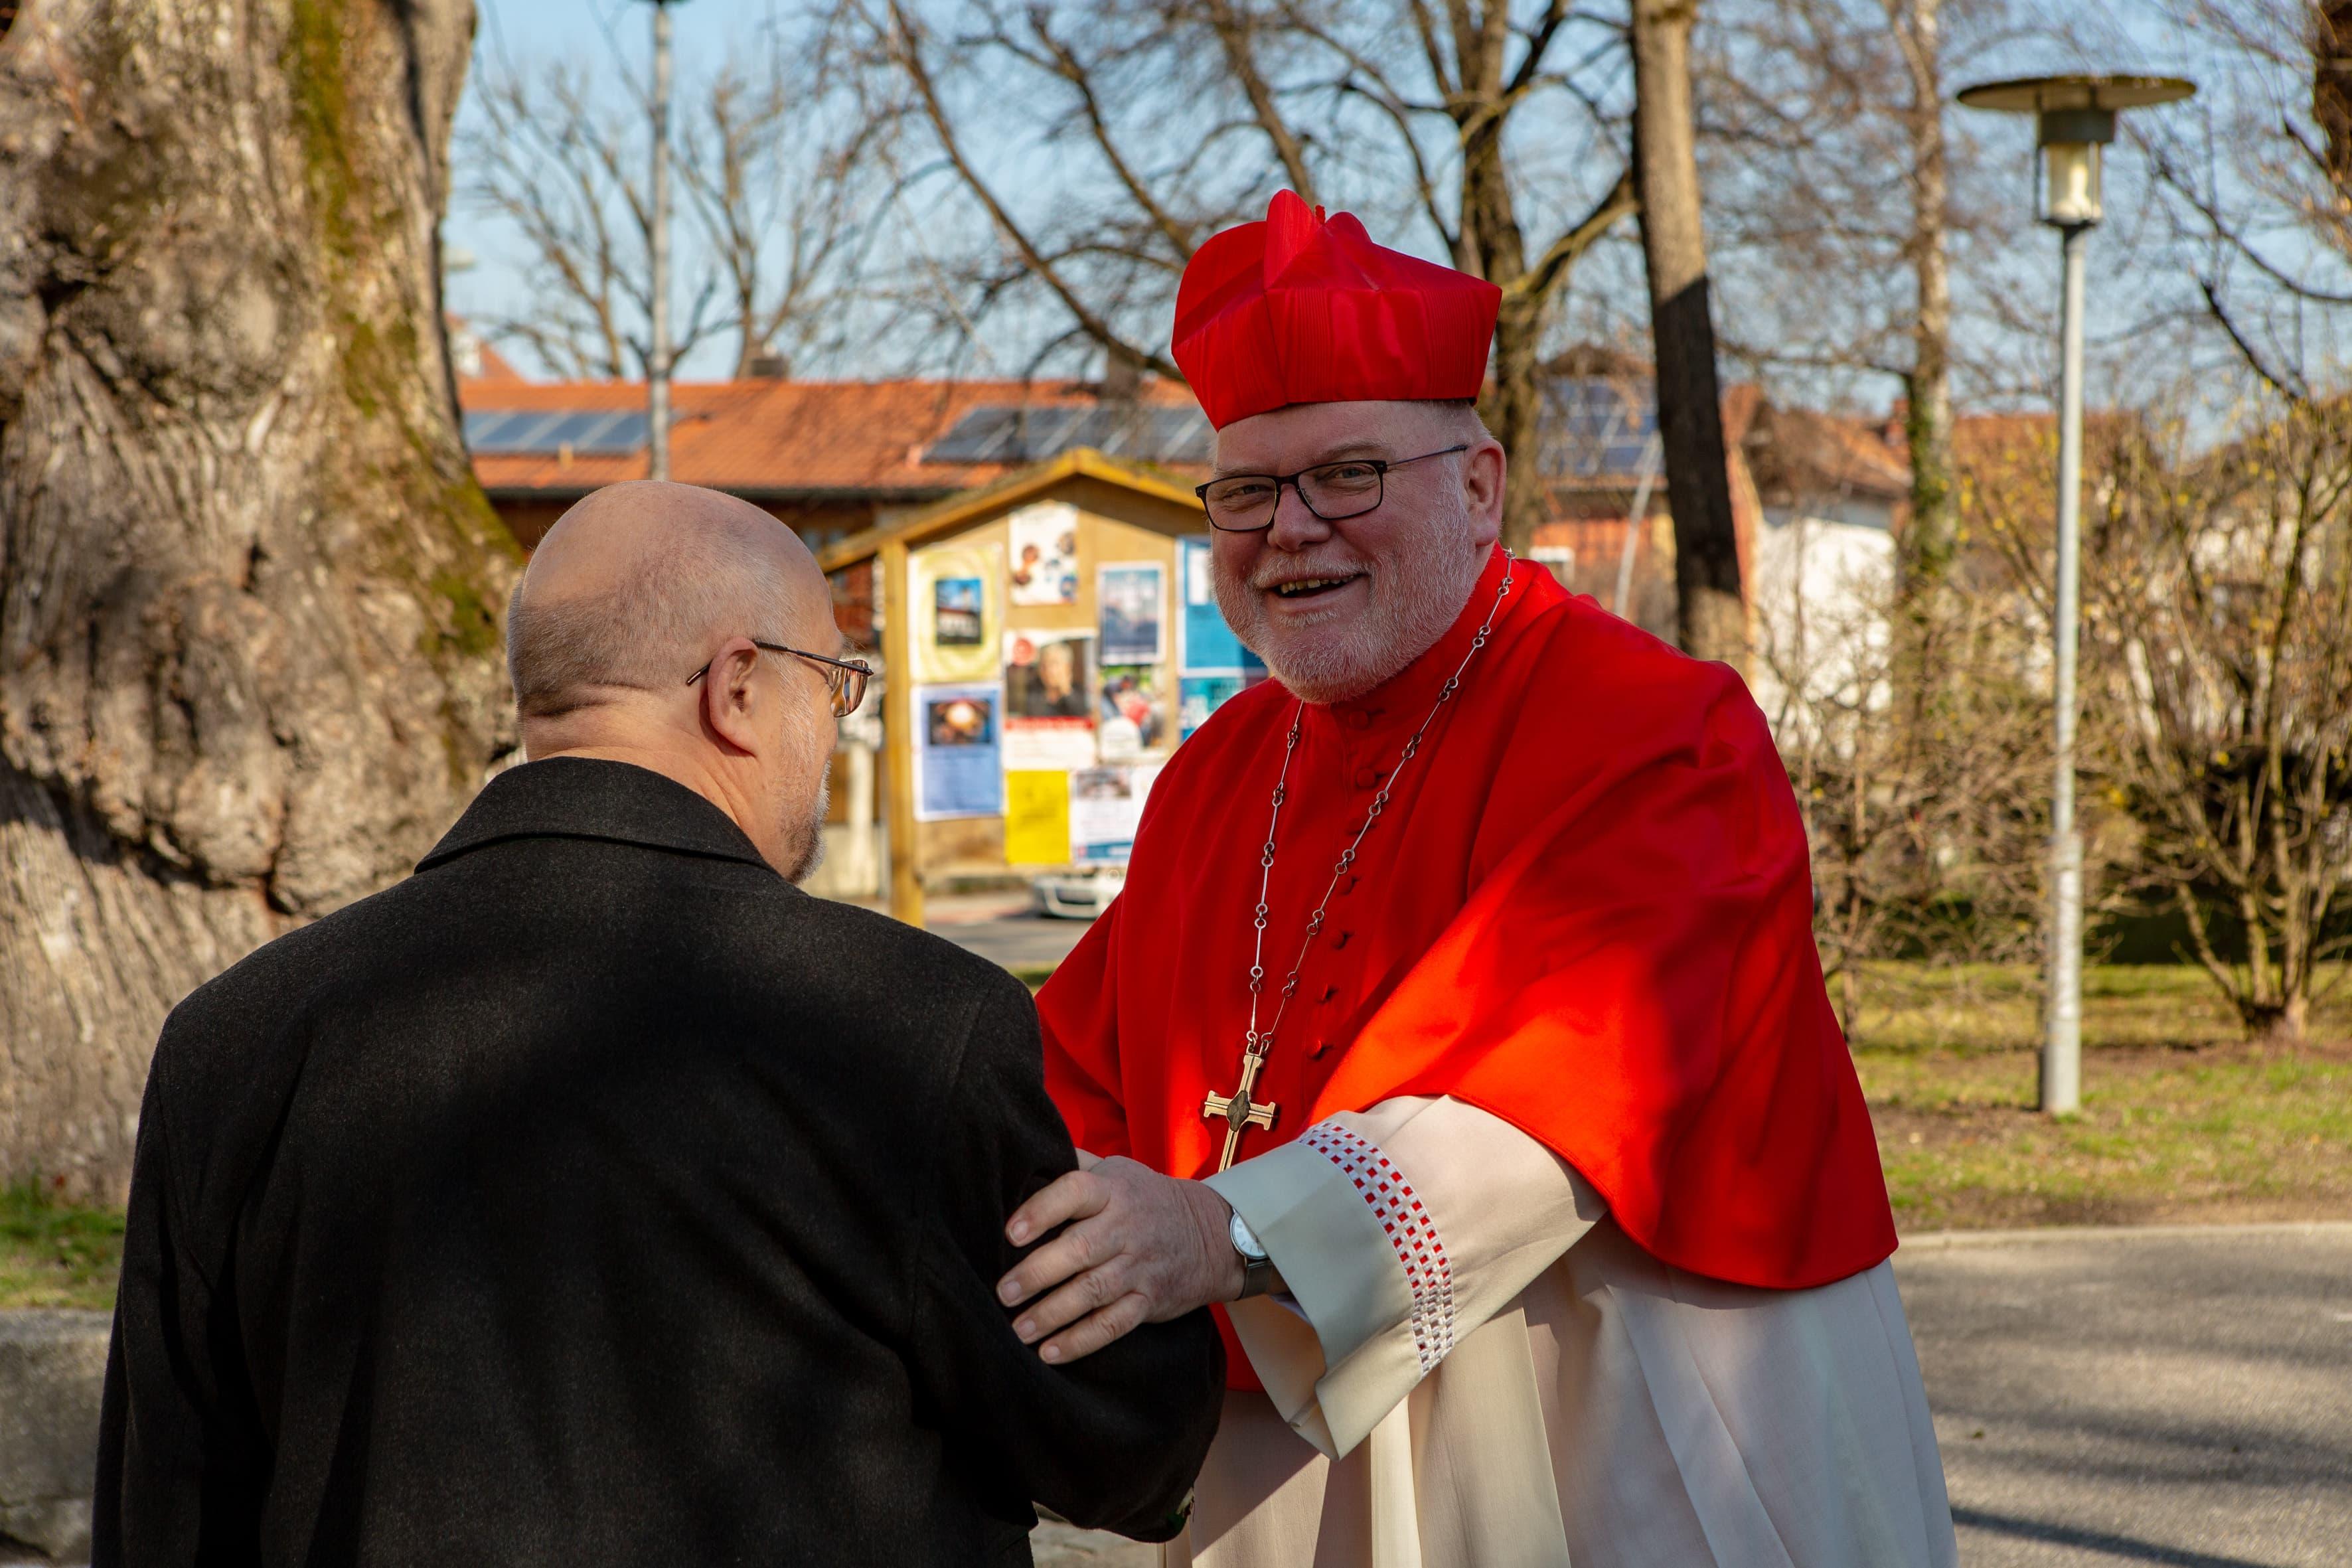 Pfarrkirche Mariä Himmelfahrt Bad Aibling Bischof Marx